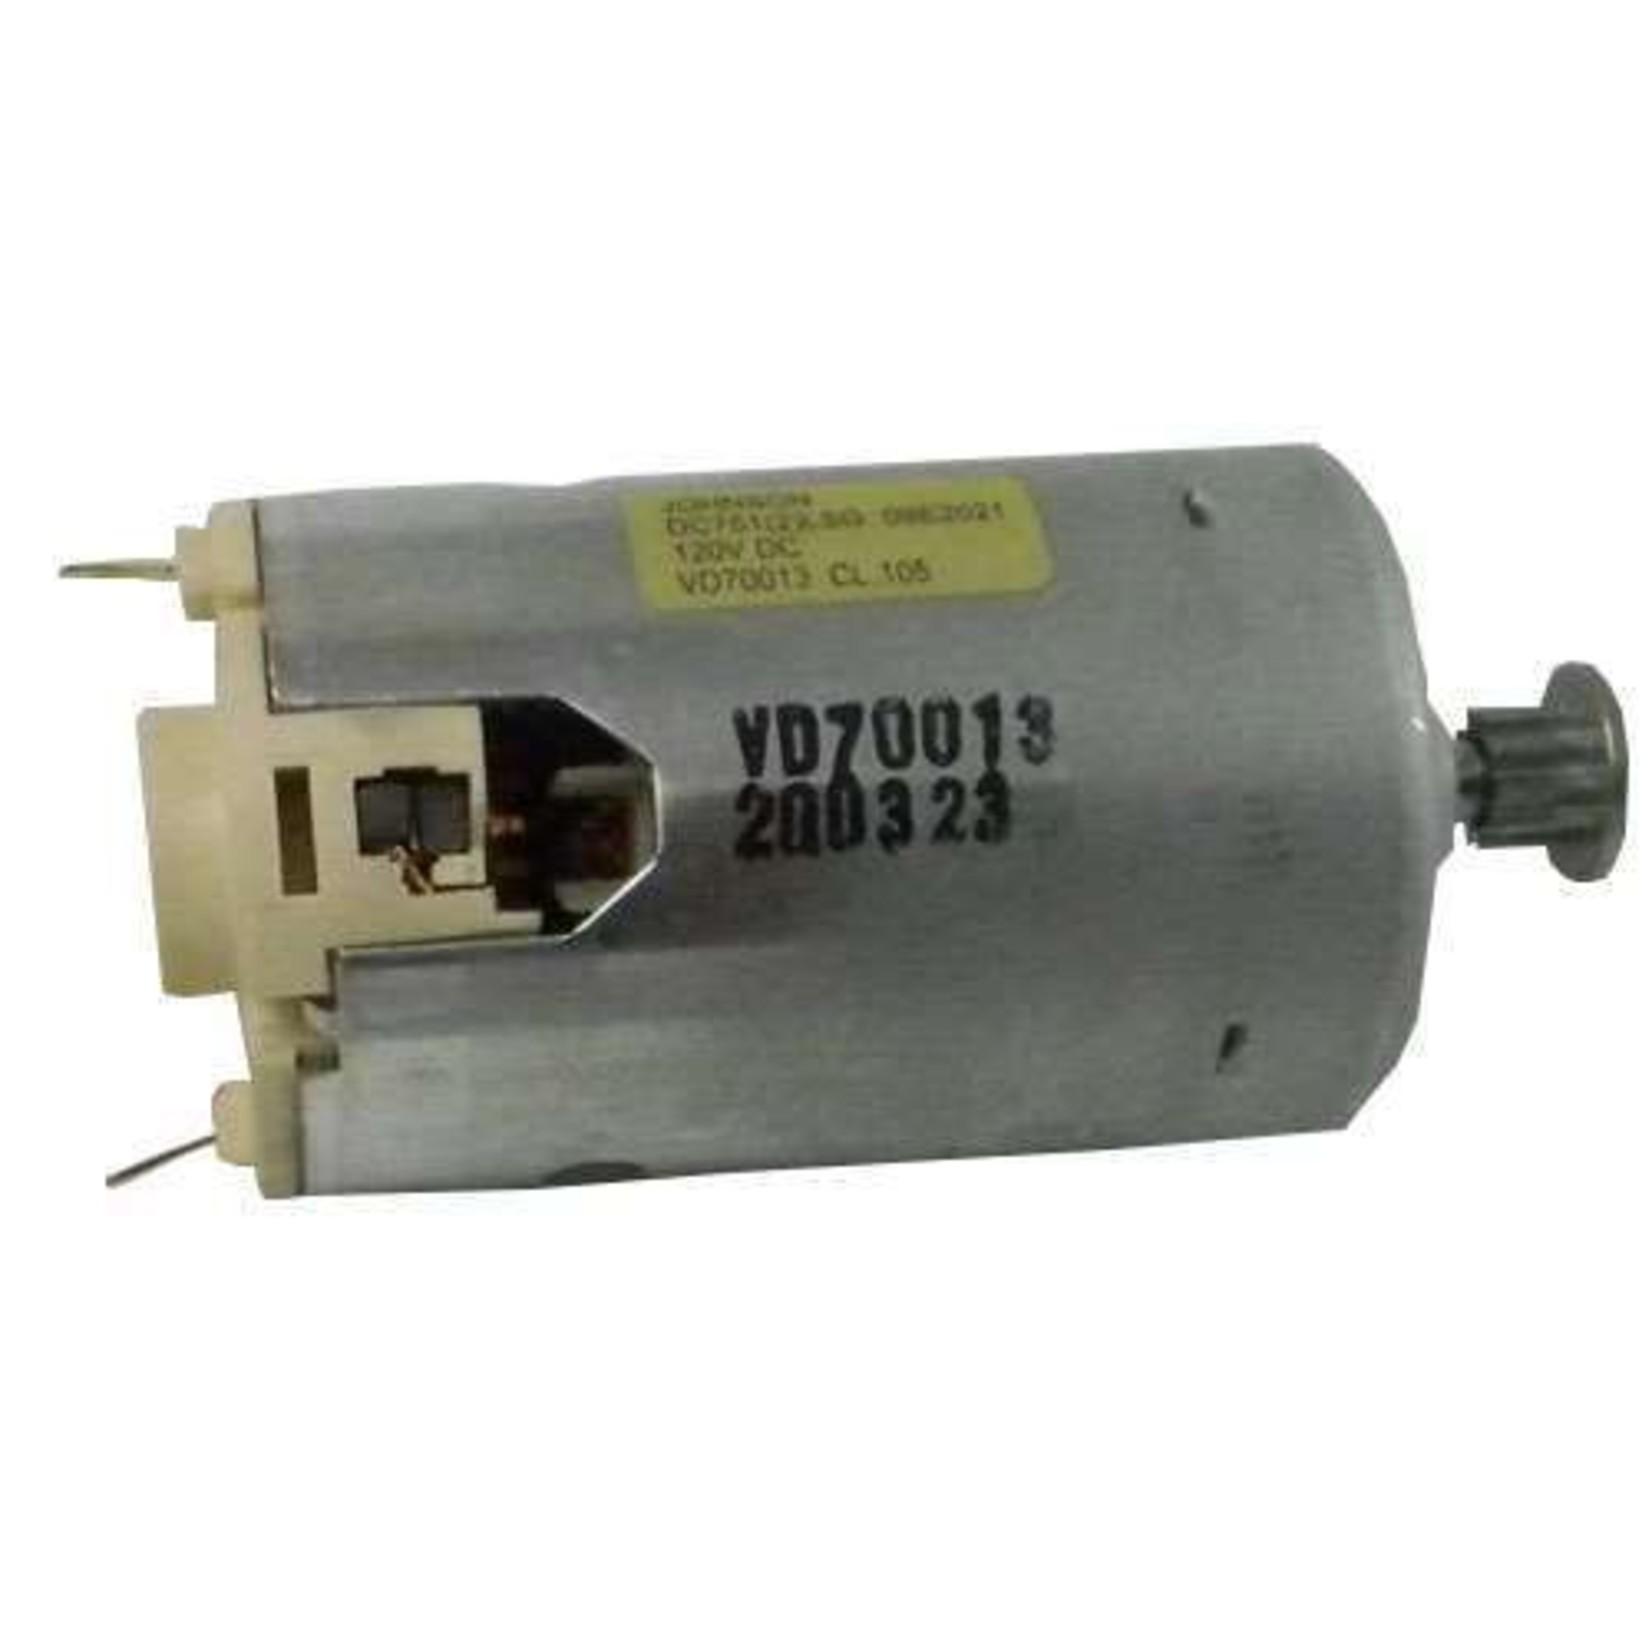 Hoover Brush Motor for Hoover Air